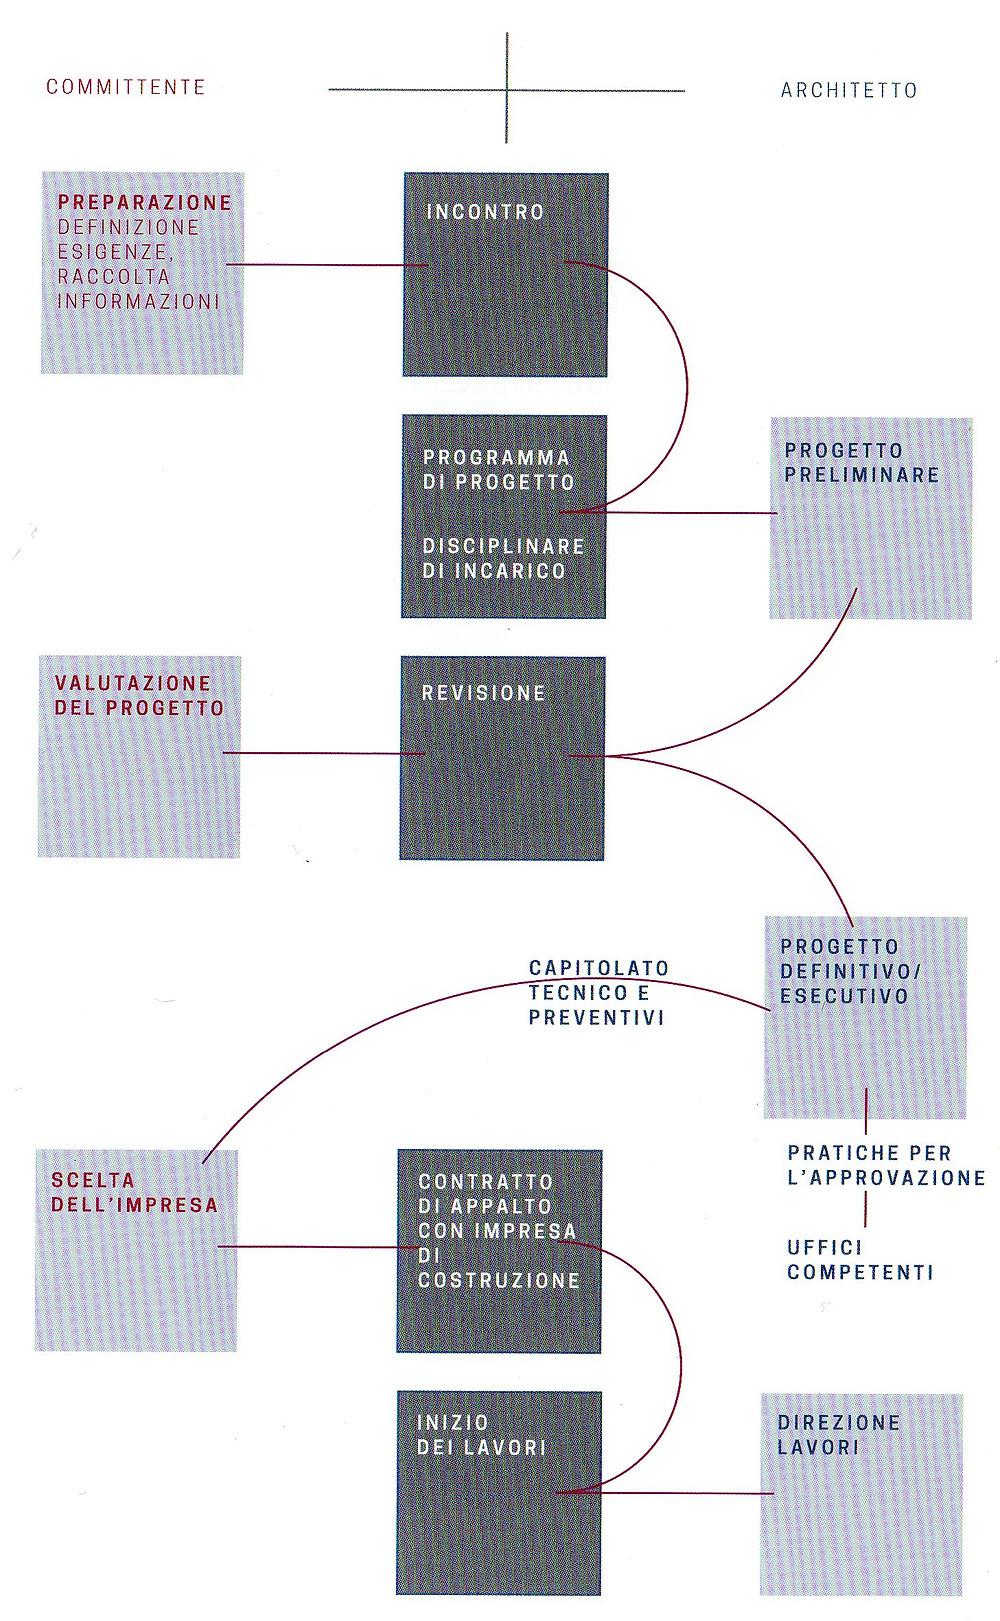 La realizzazione di un progetto è un processo complesso; il diagramma riporta le fasi principali del lavoro alla luce delle sinergie tra cliente e professionista.